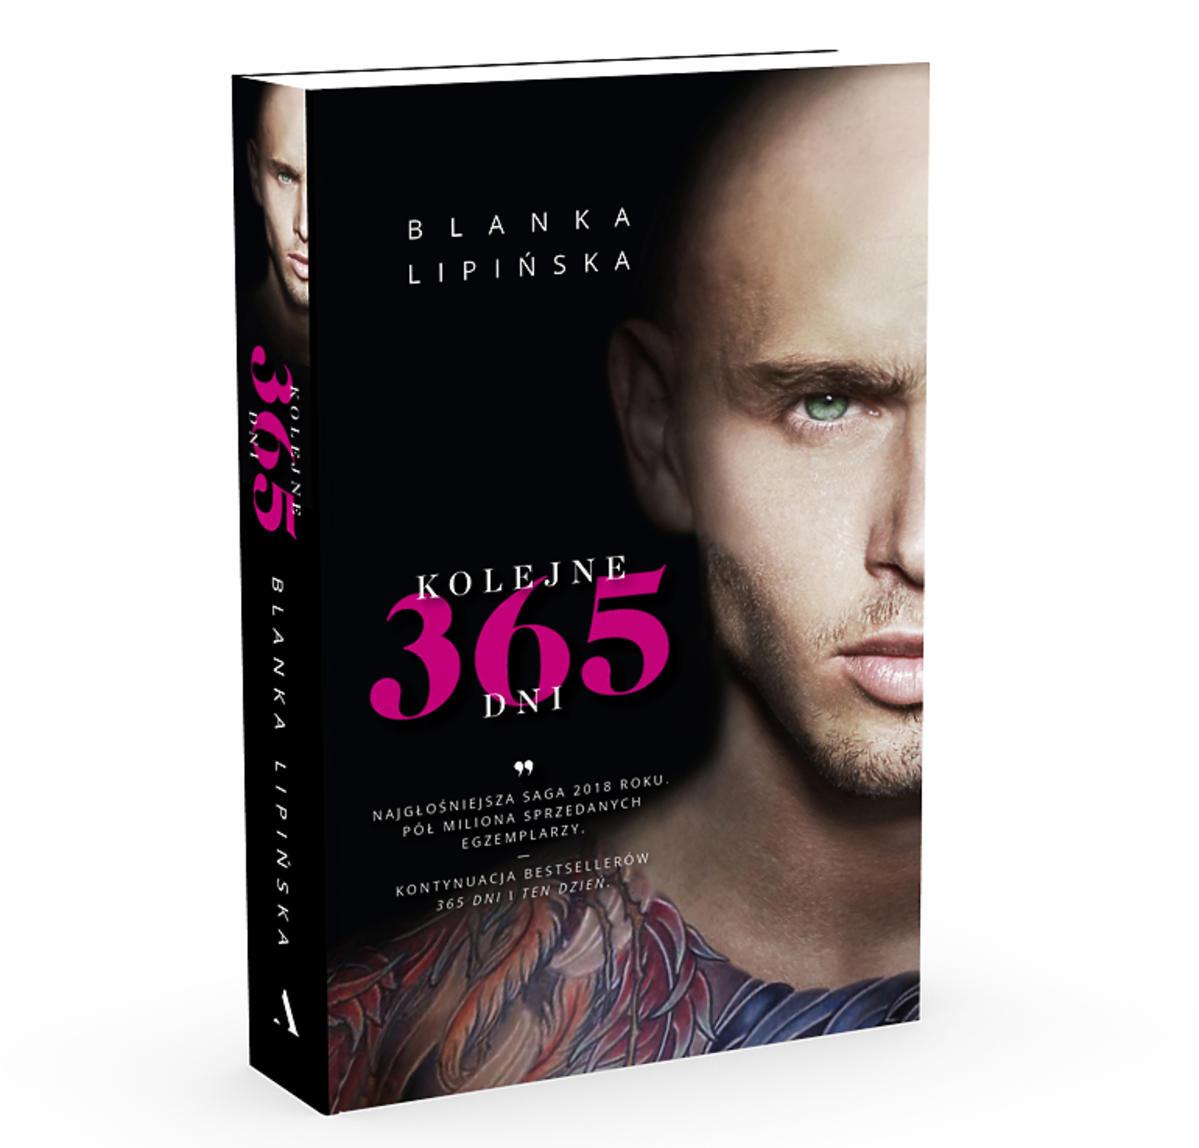 Blanka Lipińska - nowa książka